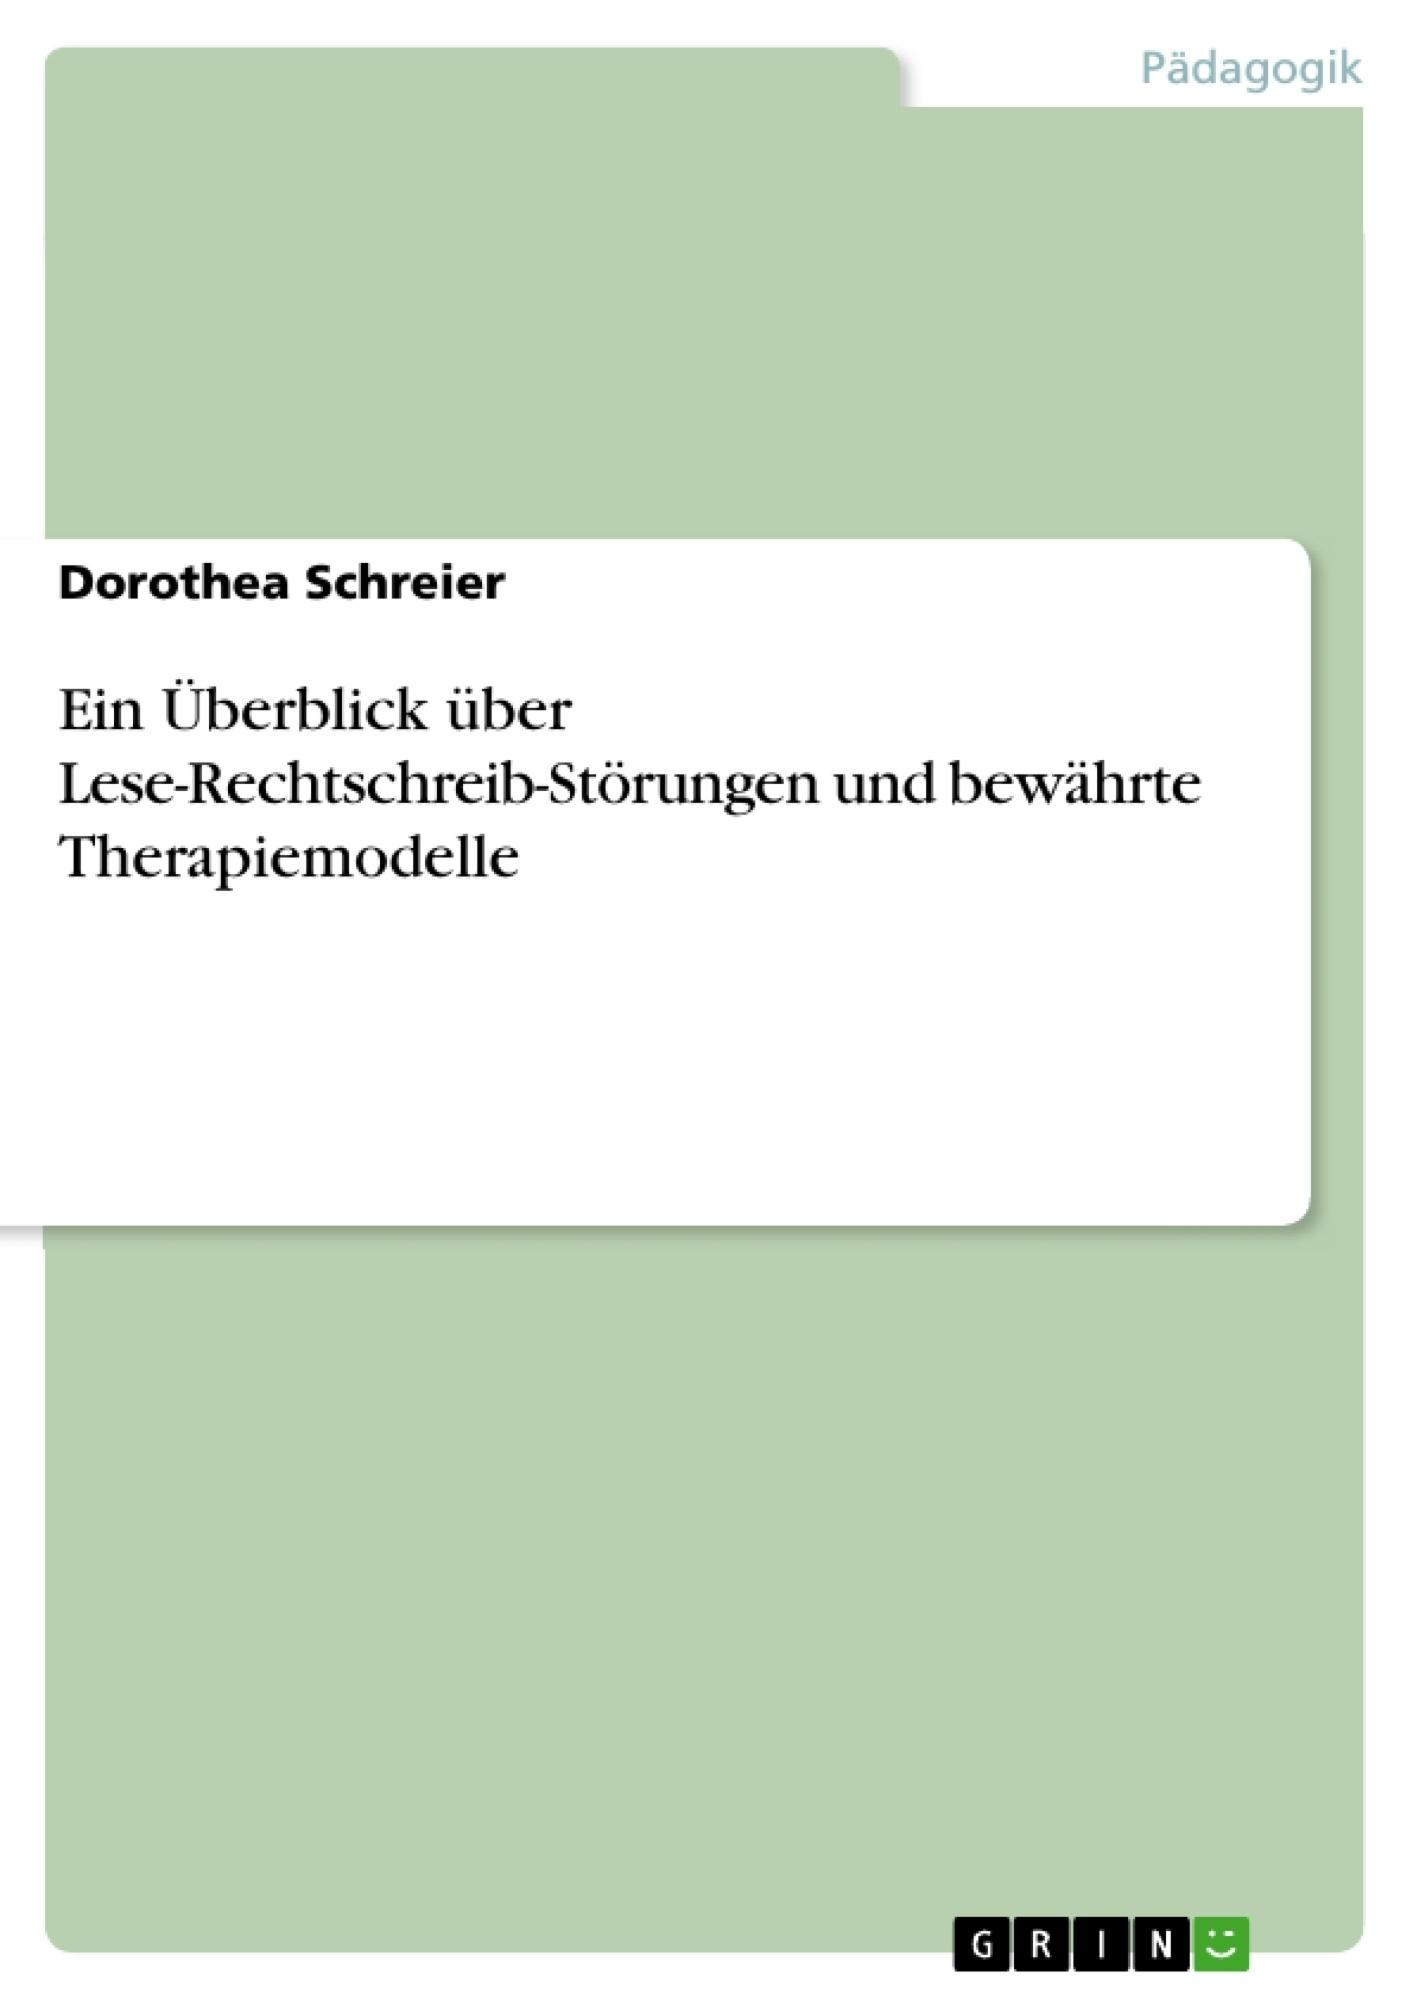 Titel: Ein Überblick über Lese-Rechtschreib-Störungen und bewährte Therapiemodelle